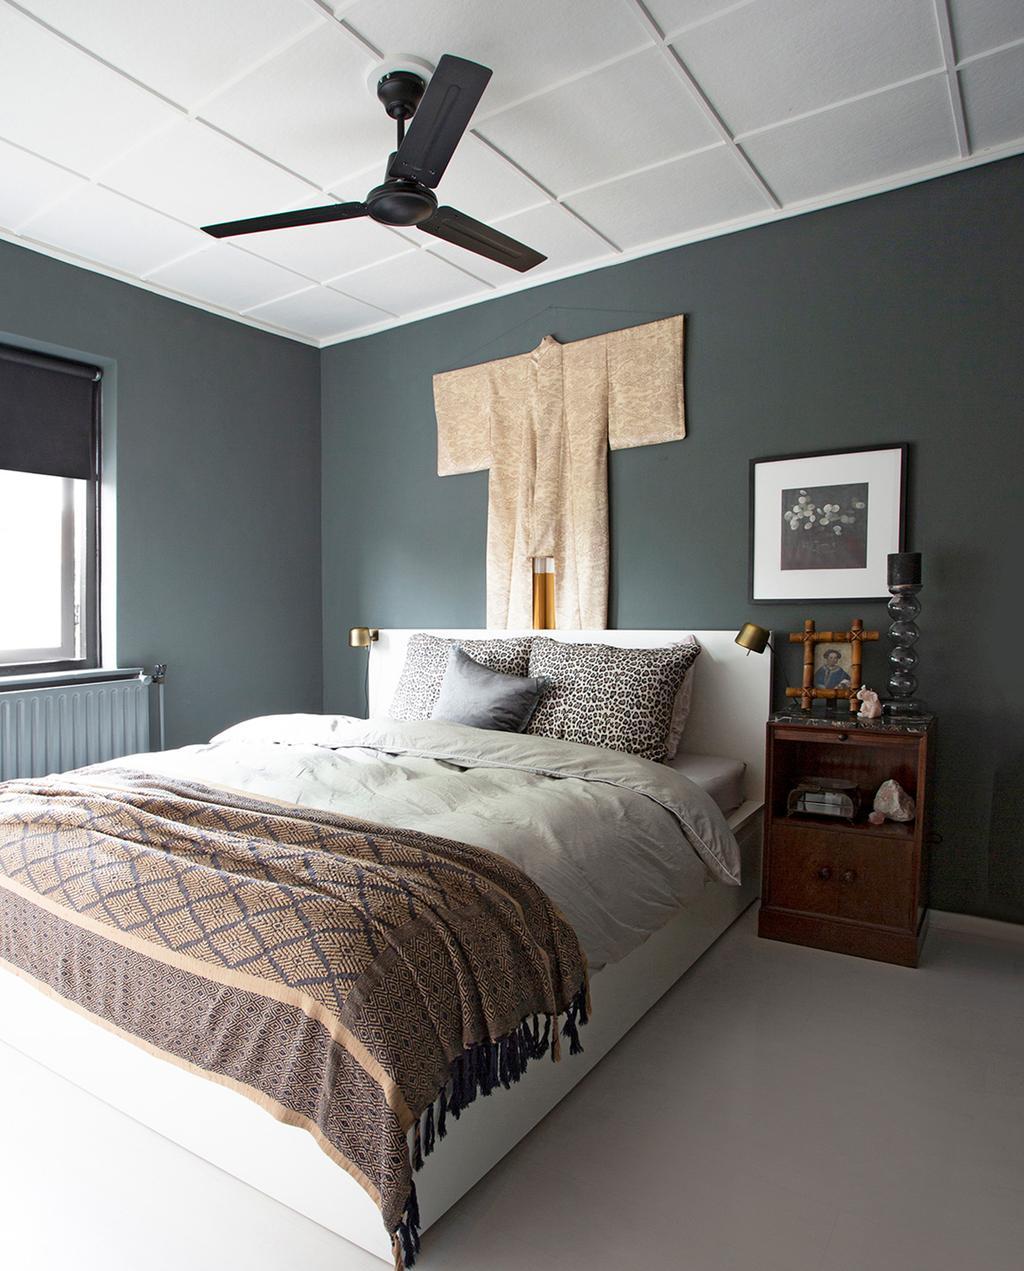 vtwonen 06-2021 | slaapkamer met opgemaakt bed I 2-onder-1-kap